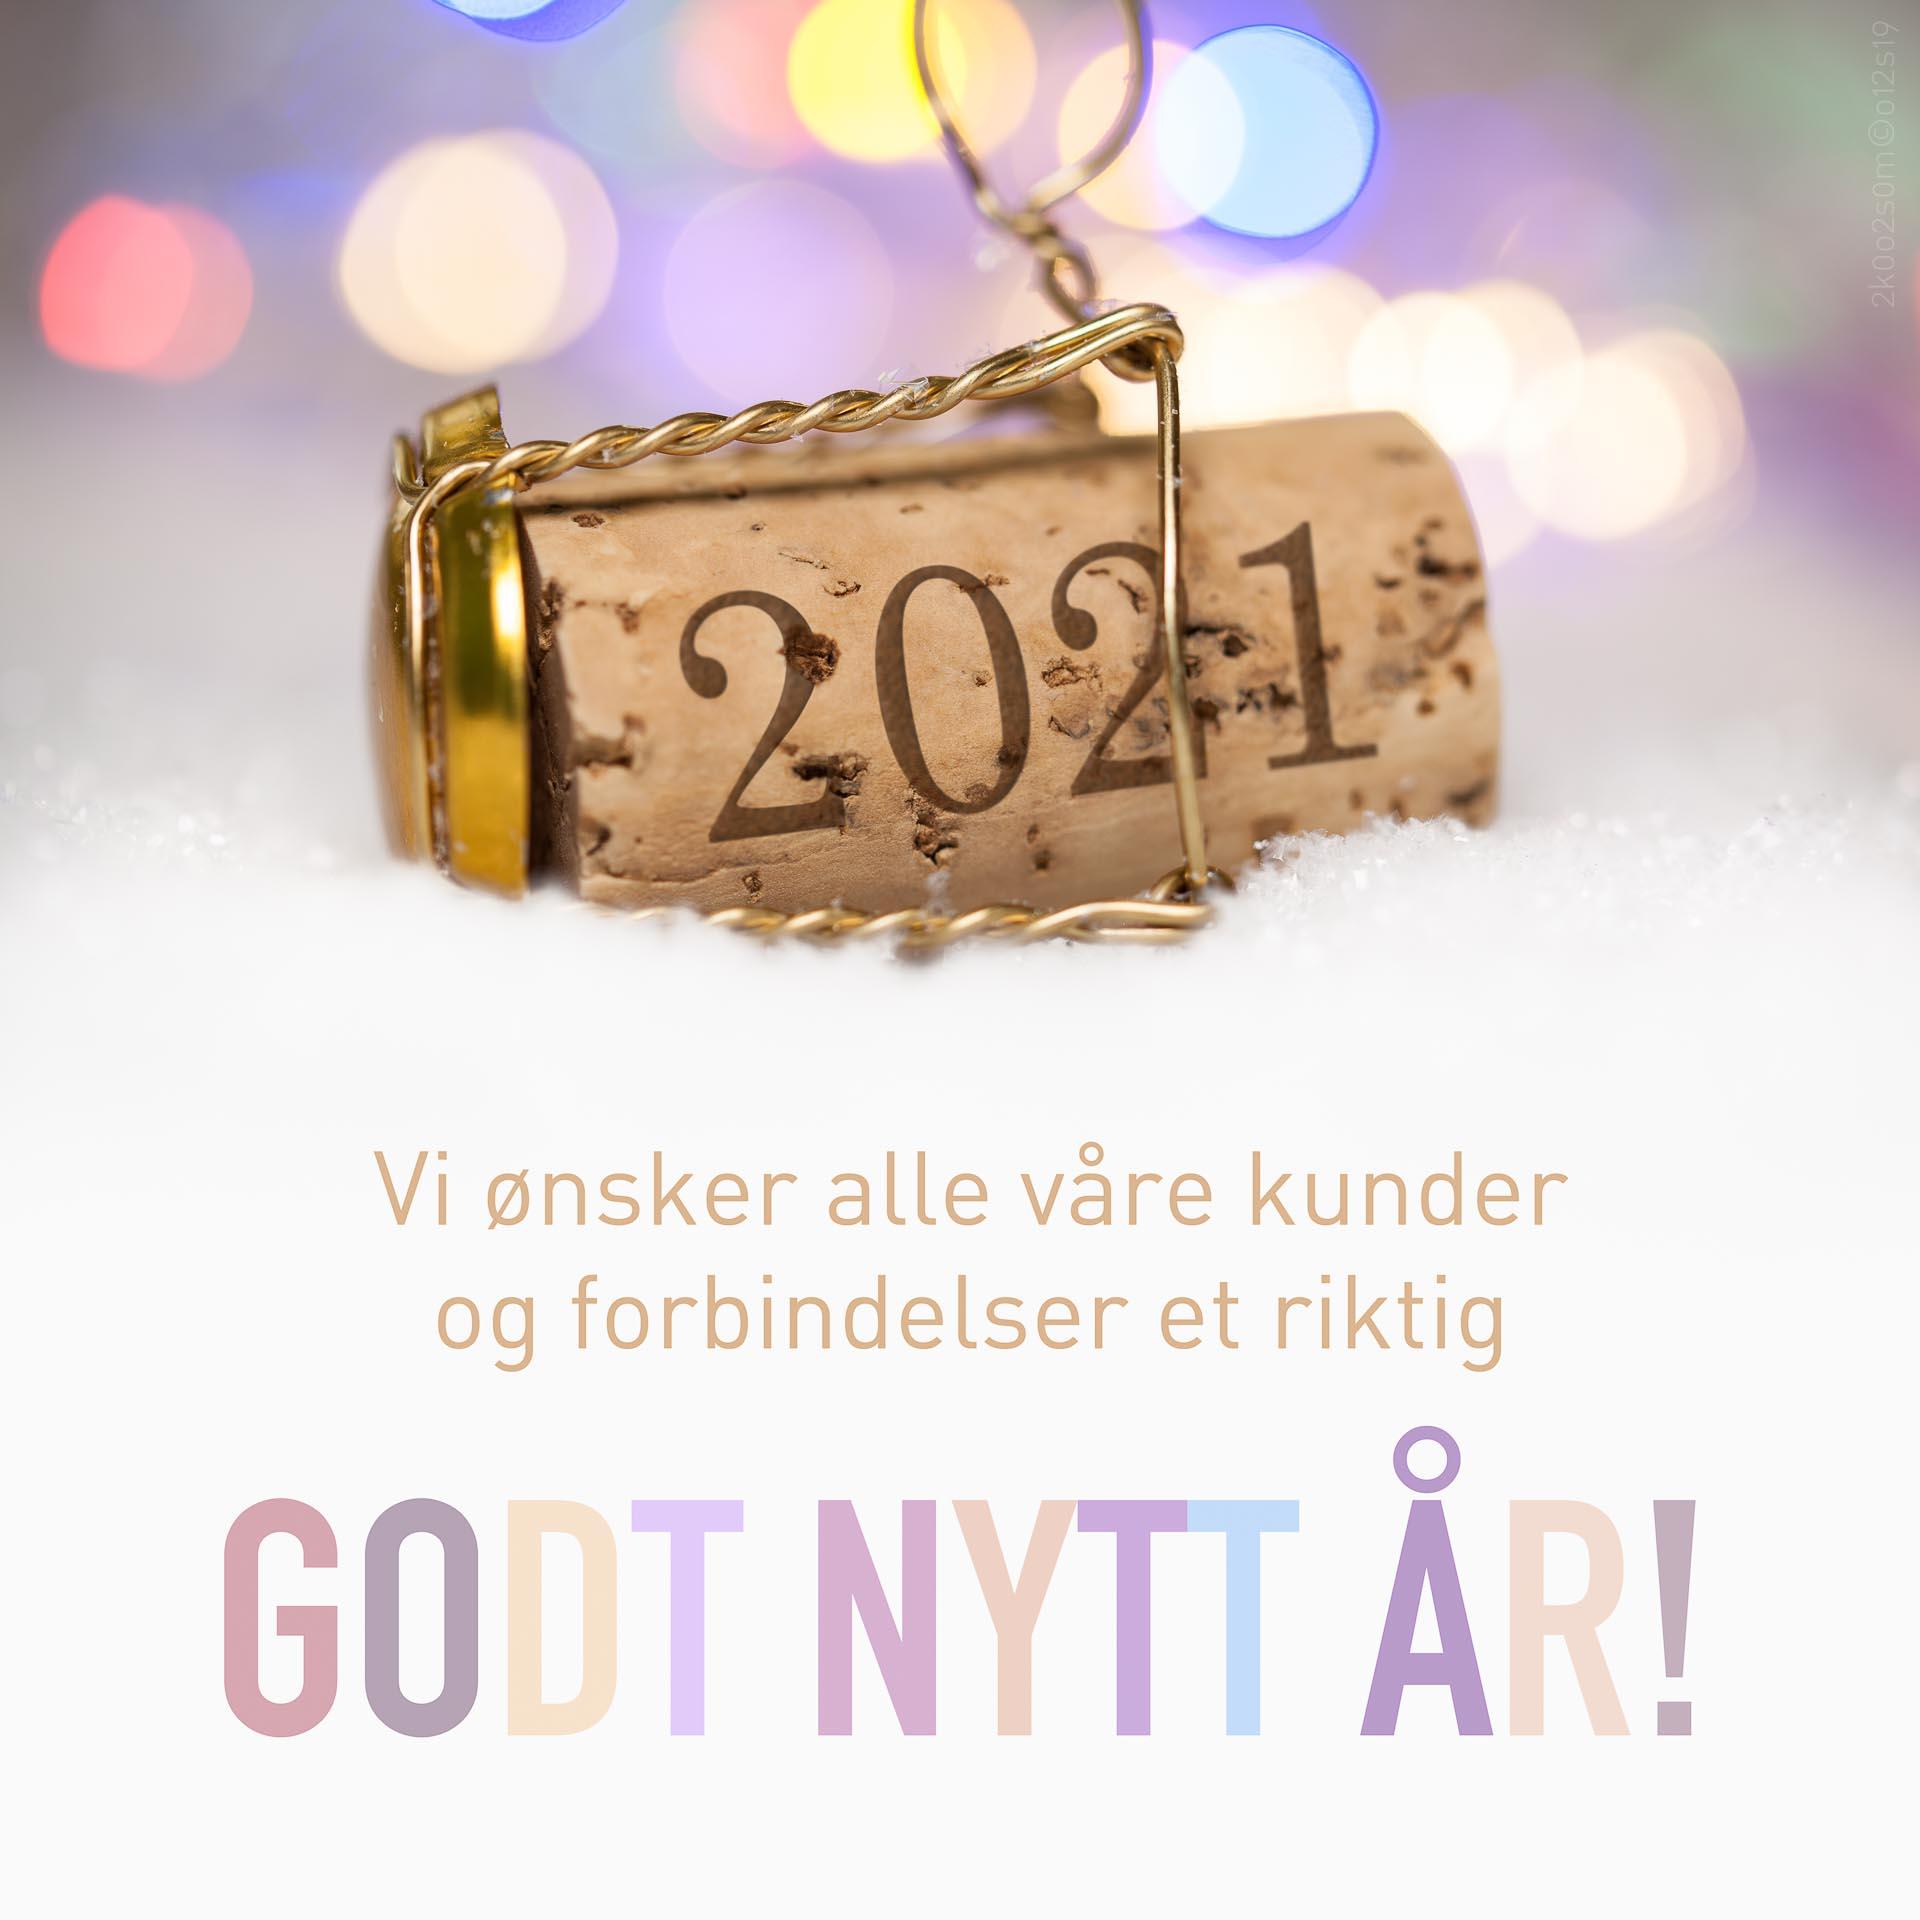 Godt nytt år 2021!